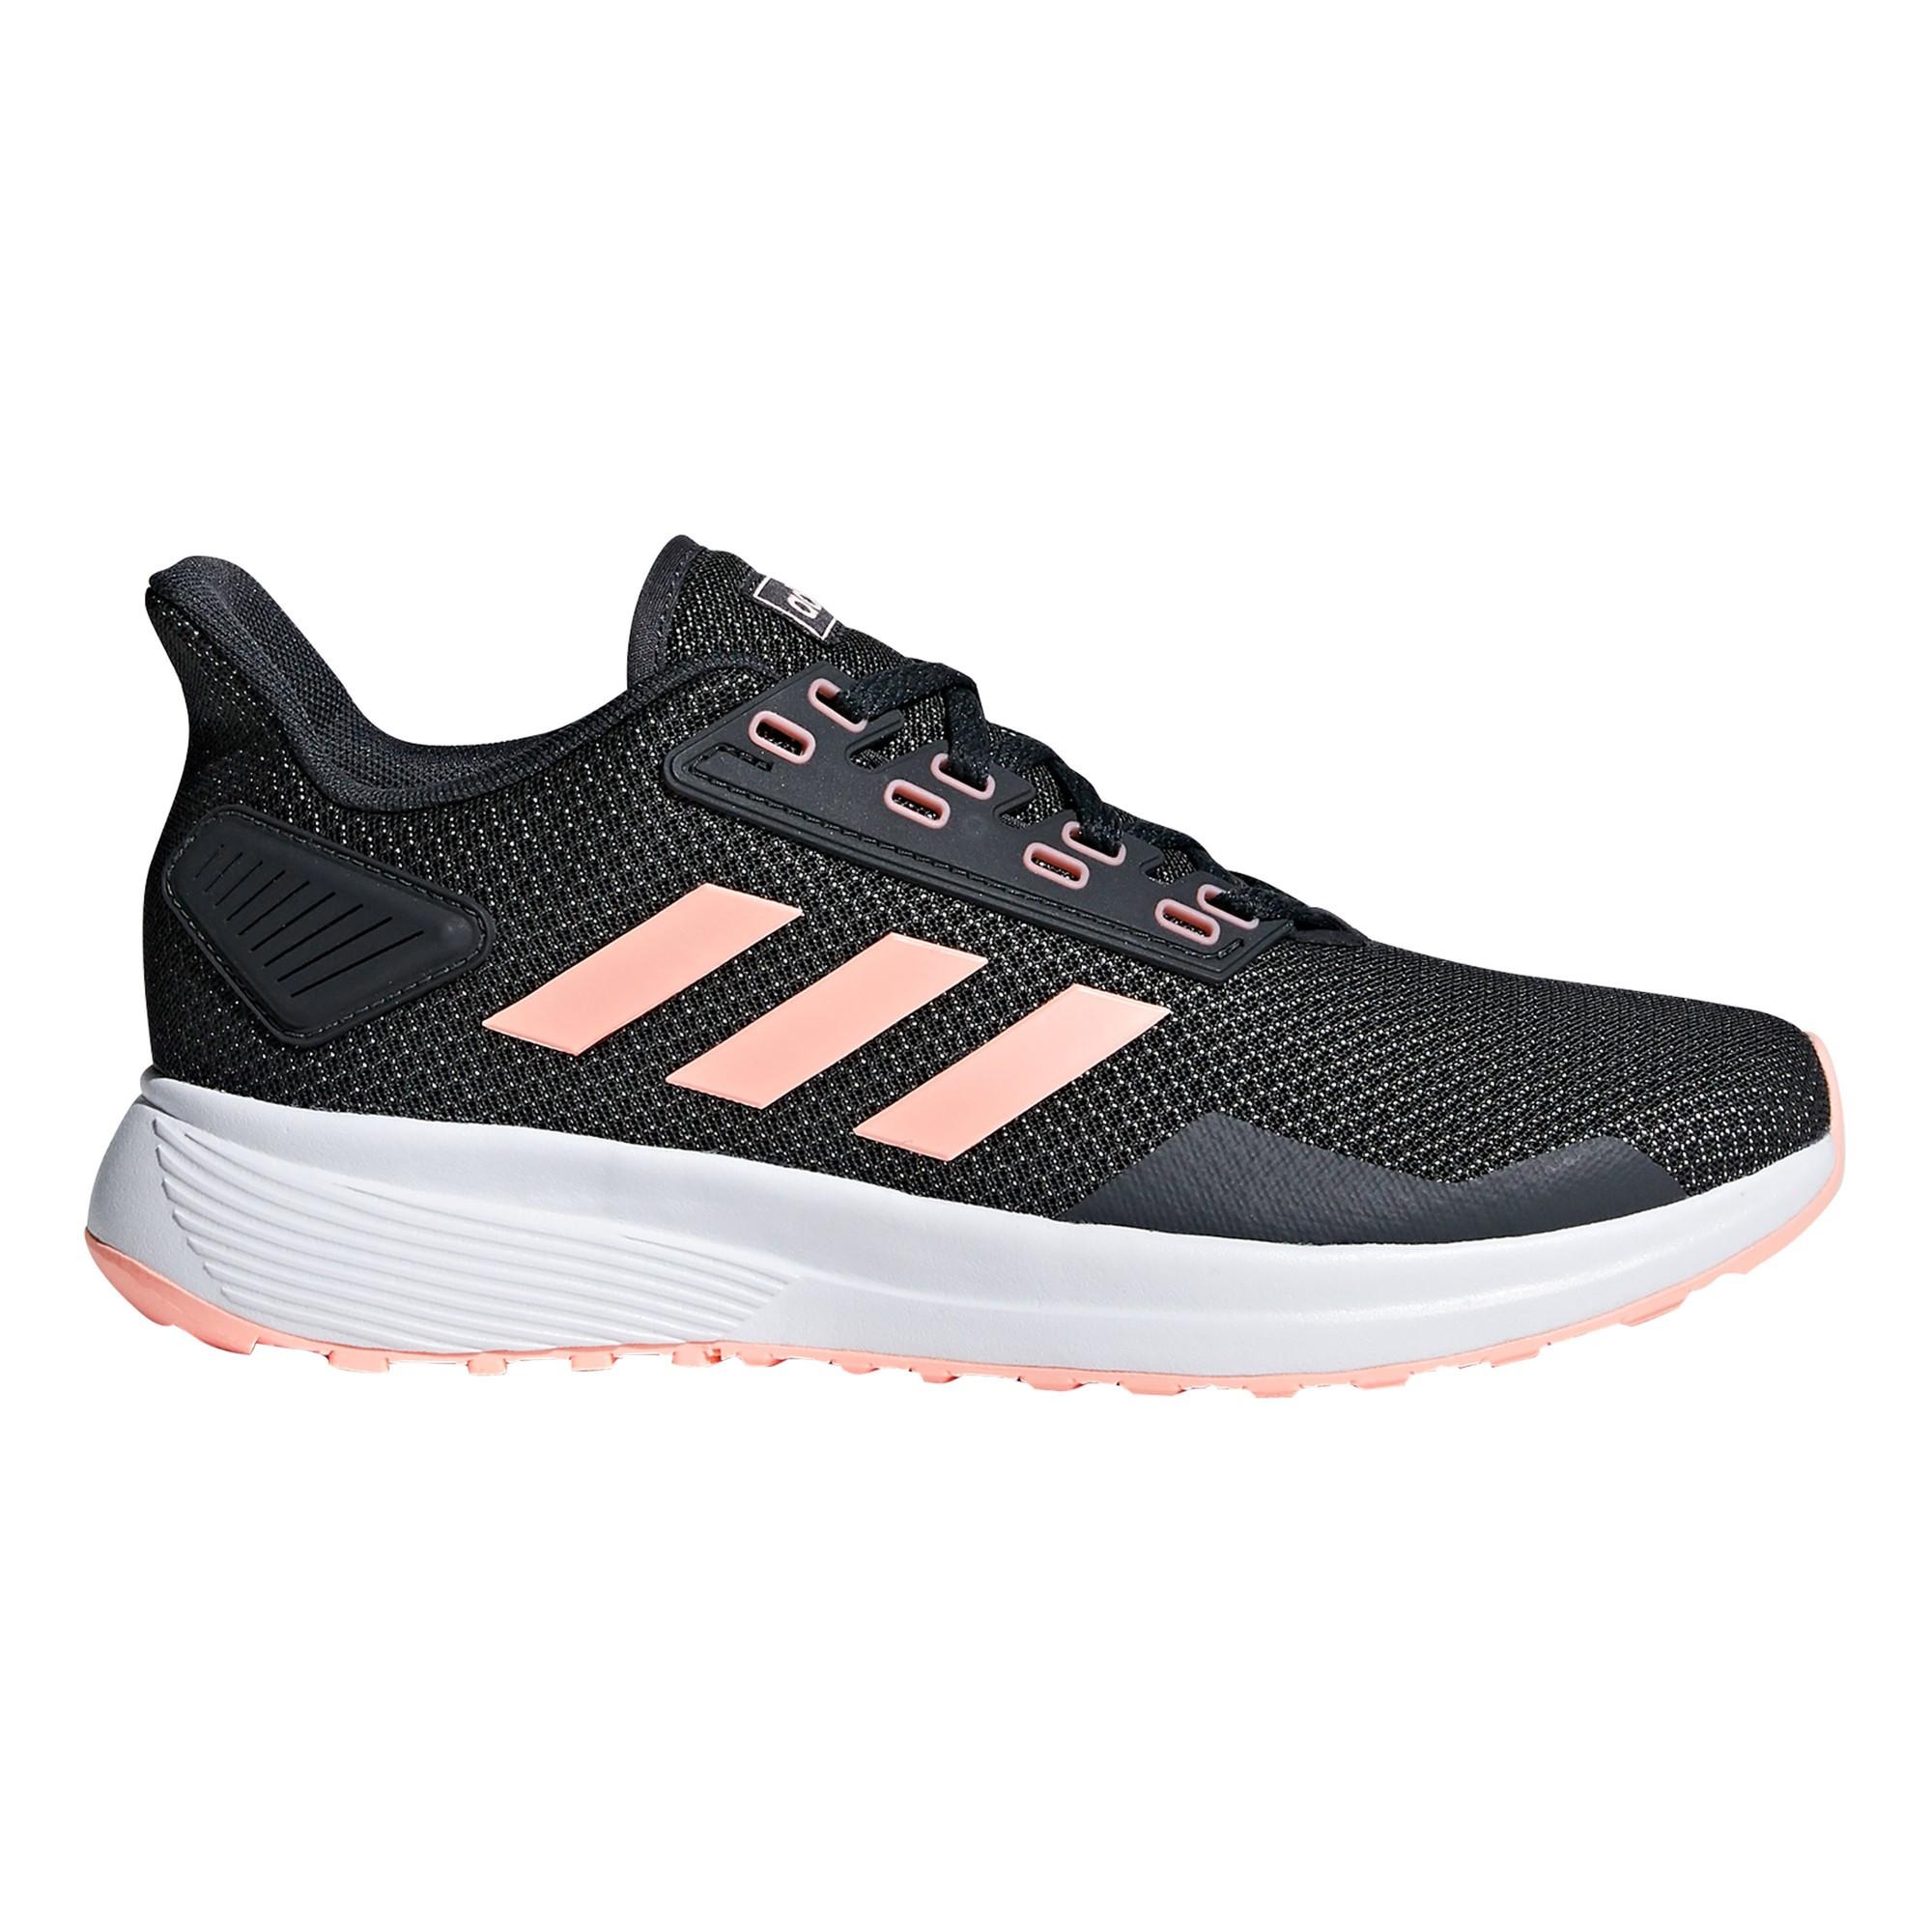 Afbeelding van Adidas Duramo 9 BB6930 Hardloopschoenen Dames Carbon